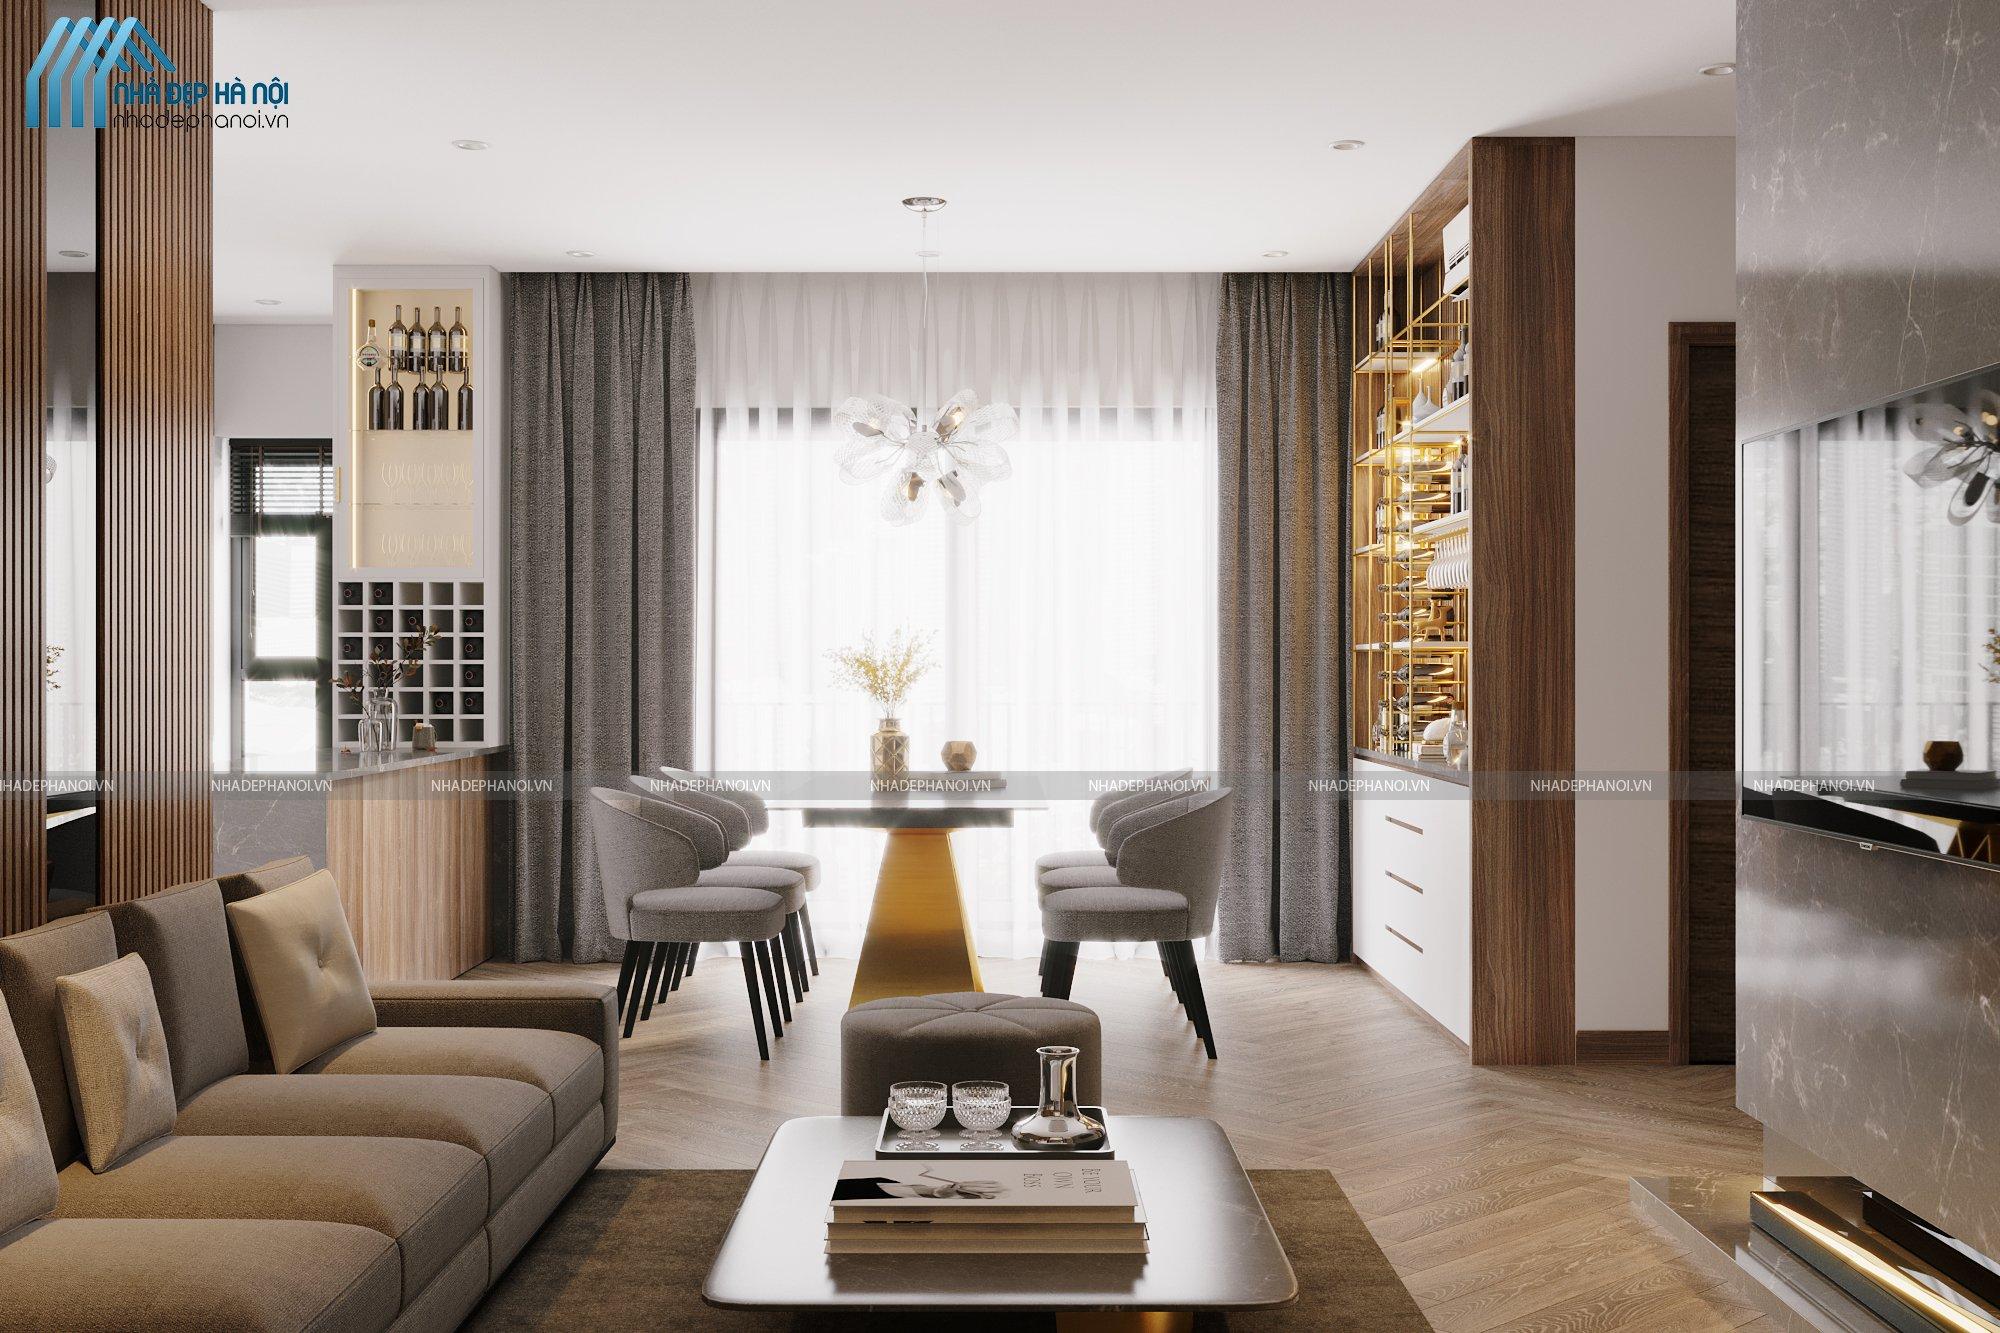 Thiết kế nội thất chung cư hiện đại cho căn hộ Vinhomes Smart City